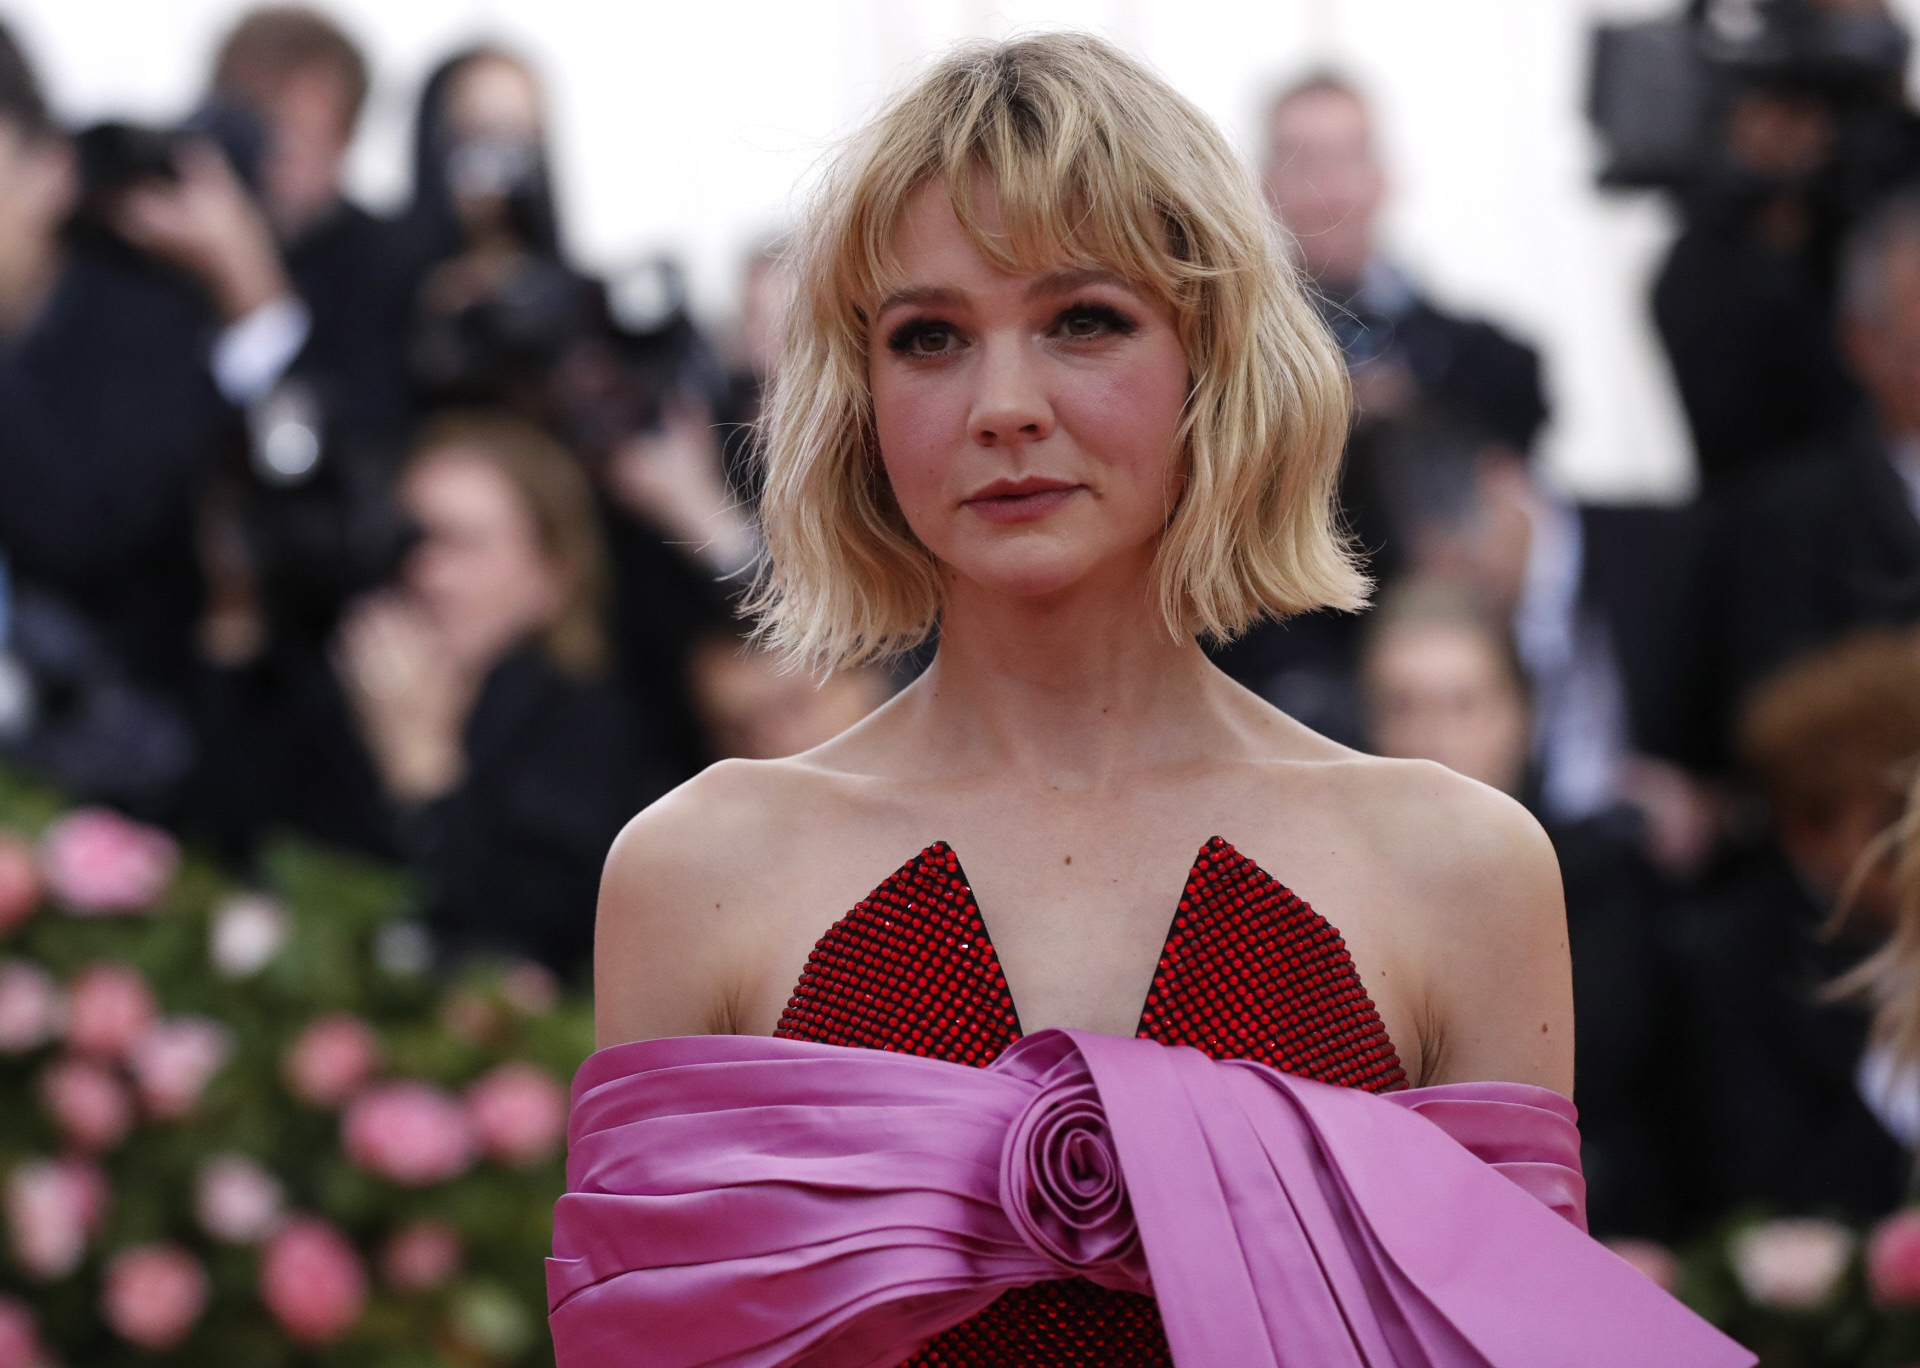 Carey Mulligan interpretará a Felicia, la mujer del compositor Leonard Bernstein.